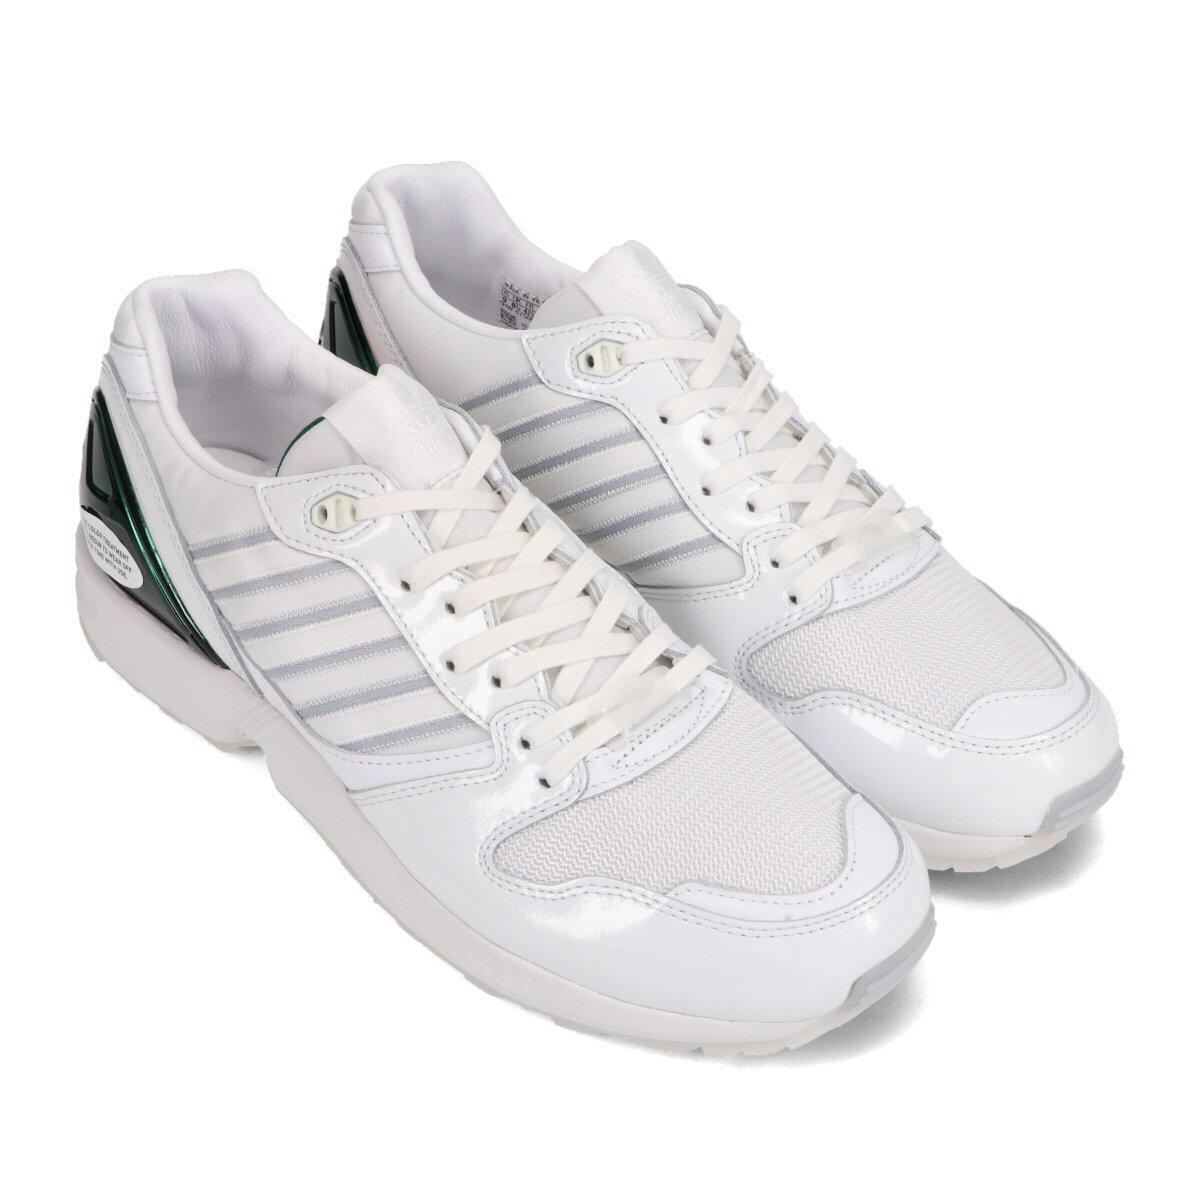 メンズ靴, スニーカー adidas ZX 5000 THE U( ZX 5000 THE U)FOOTWEAR WHITECOLLEGE ORANGEDARK GREEN 20FW-S